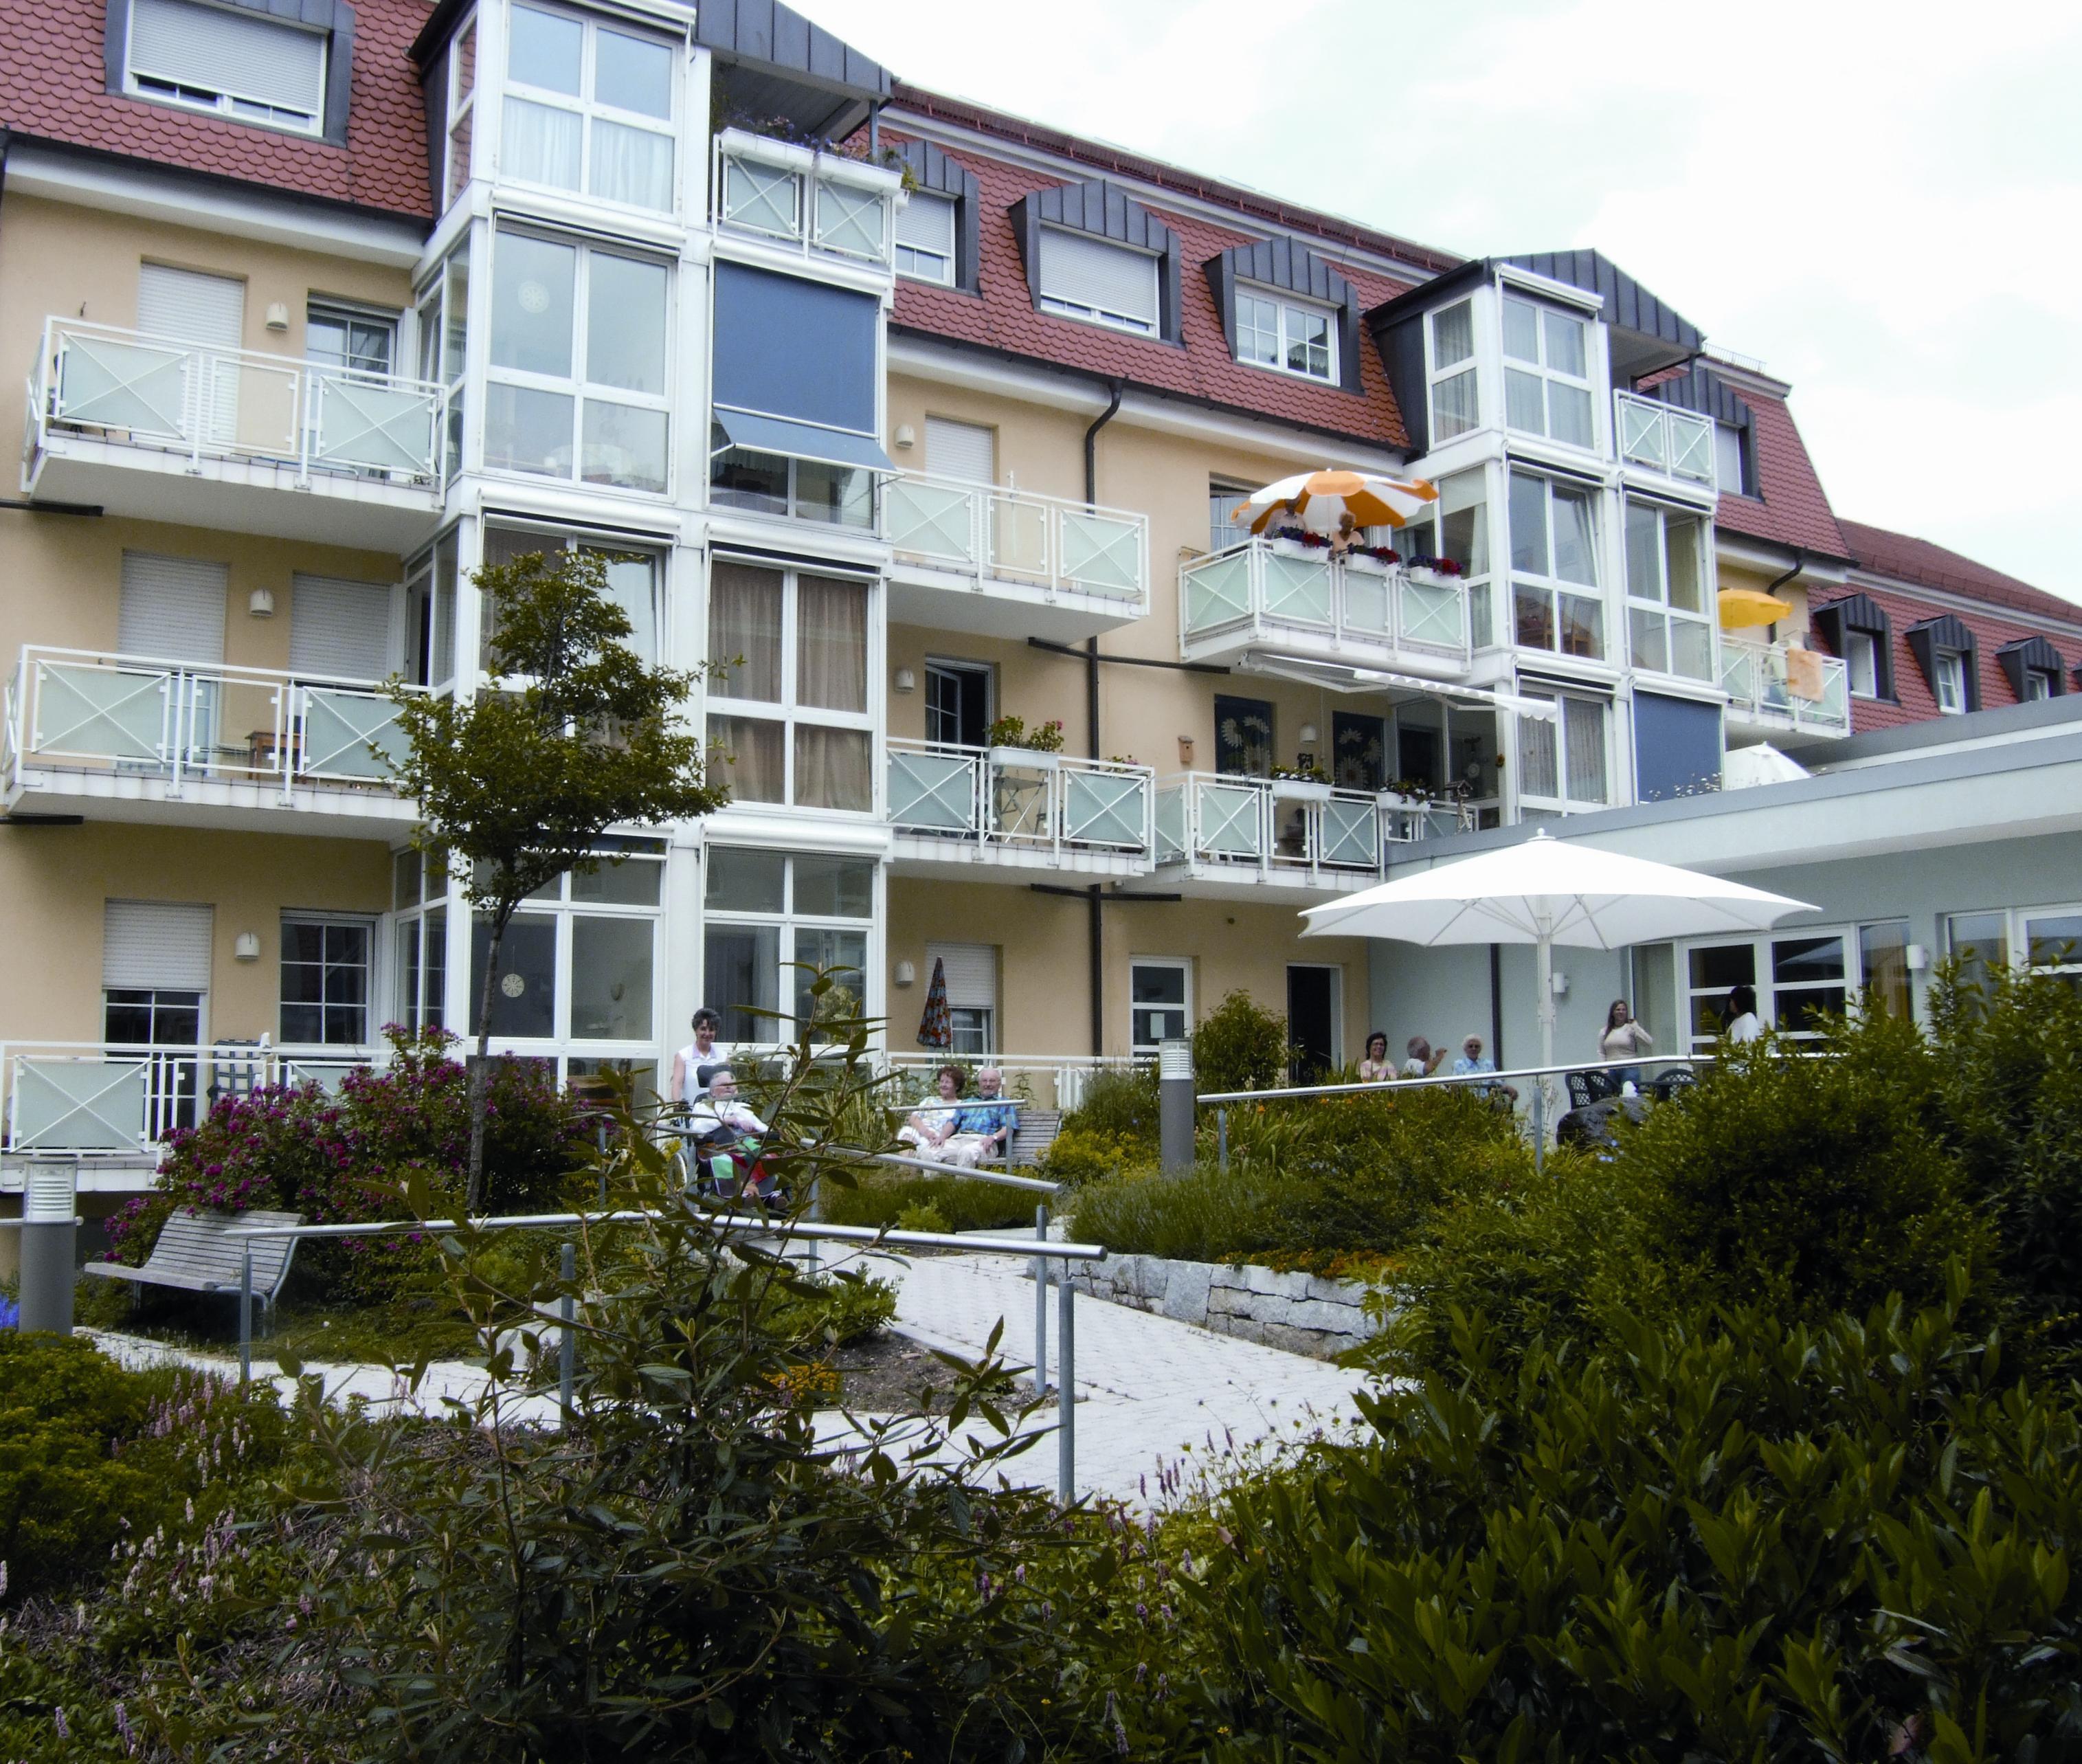 Geschwister-Roth-Seniorenzentrum Dietmannsried